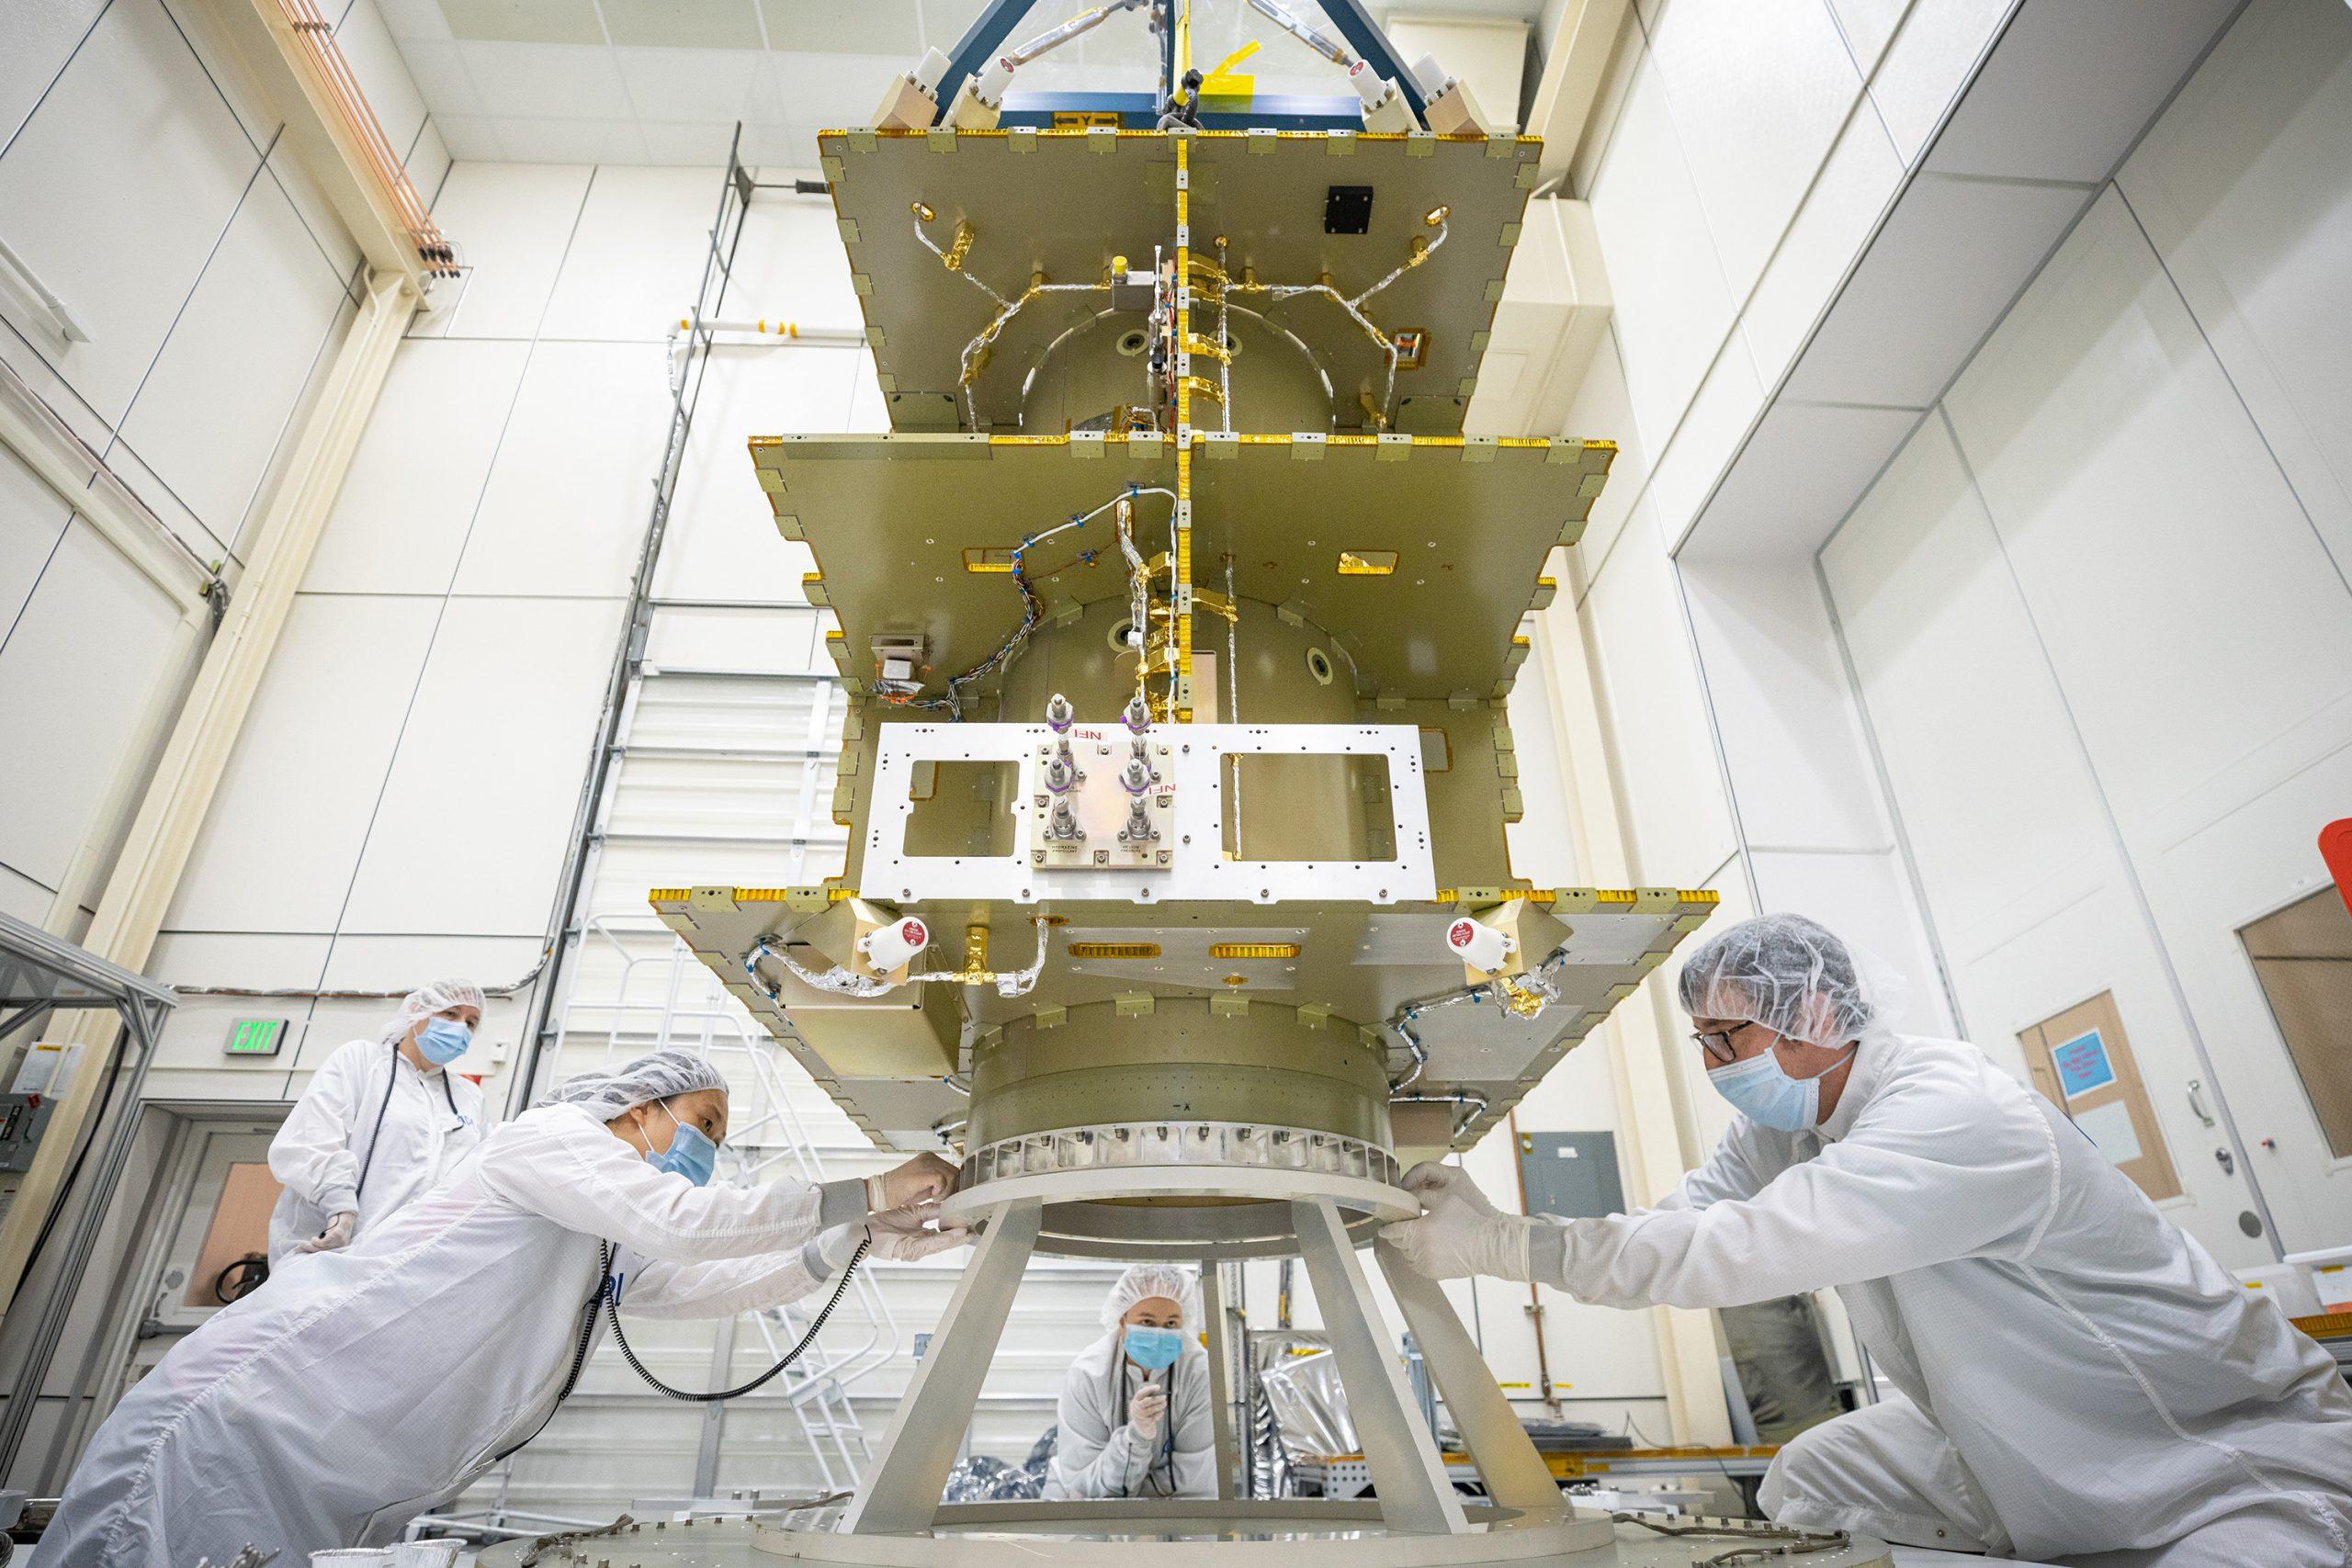 NASAが計画する 「太陽系変える」探査機、 壊滅的被害は回避できるか